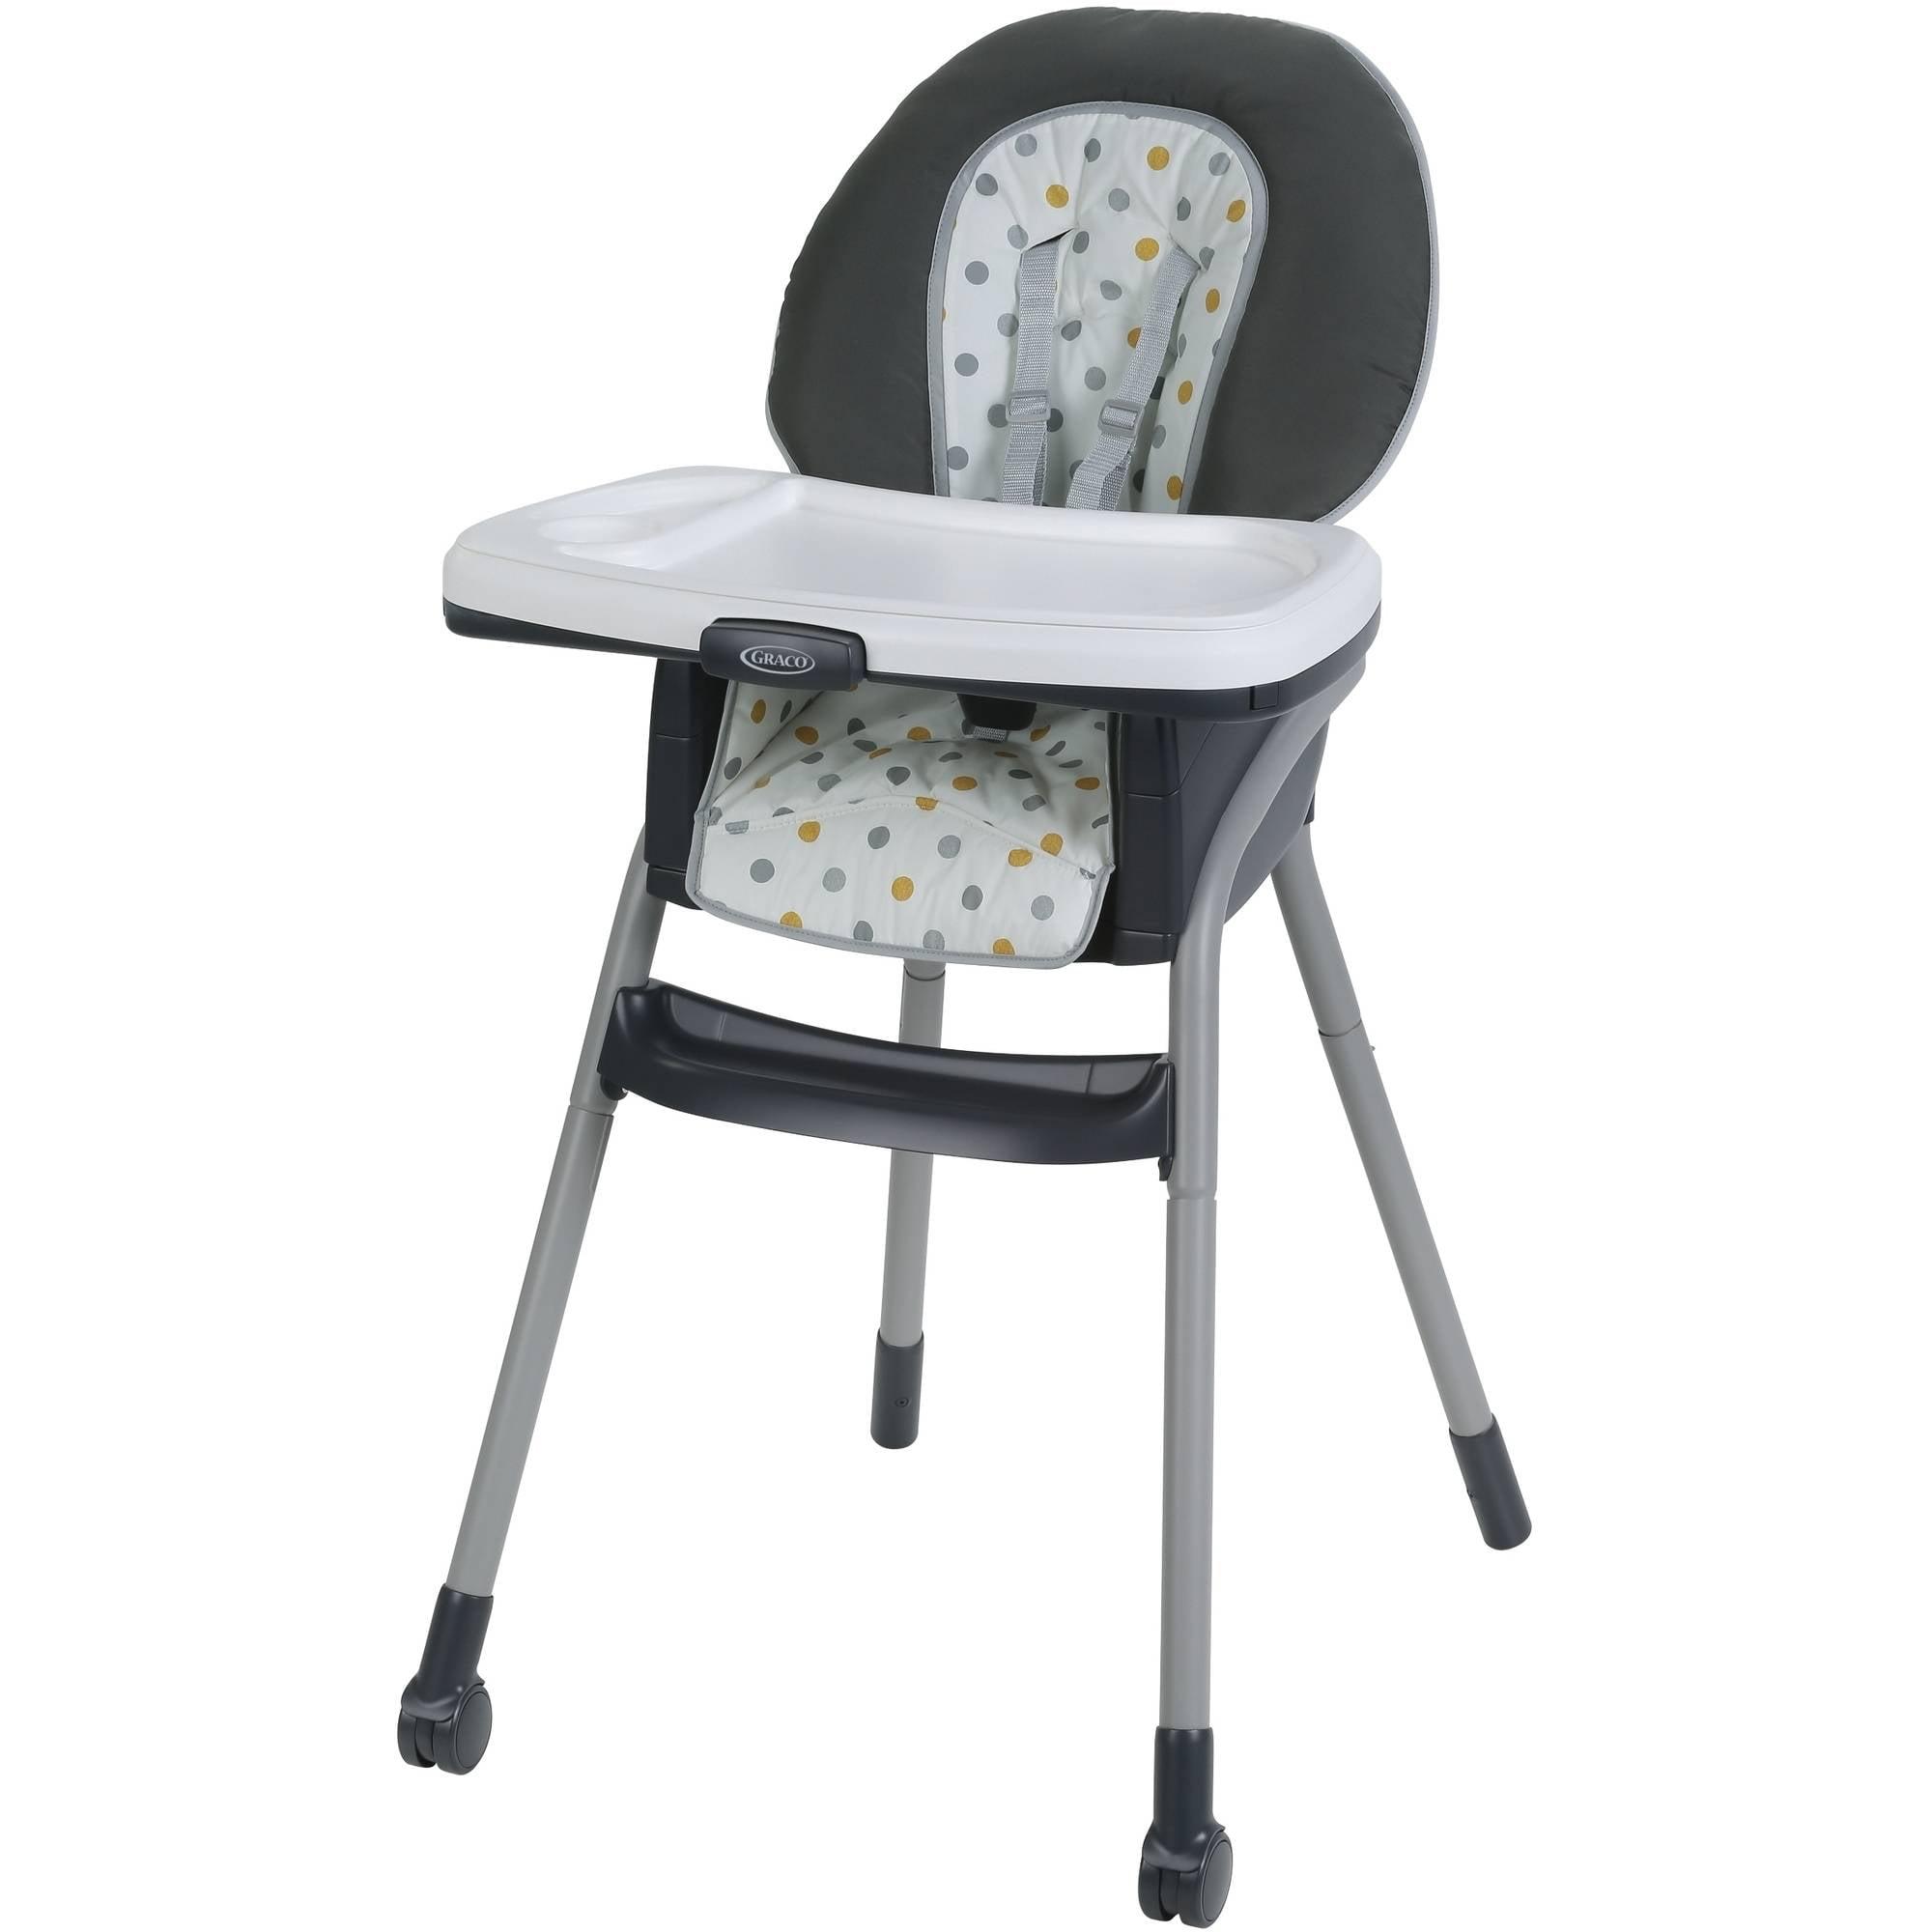 Graco Table 2 Table High Chair Gol Walmart